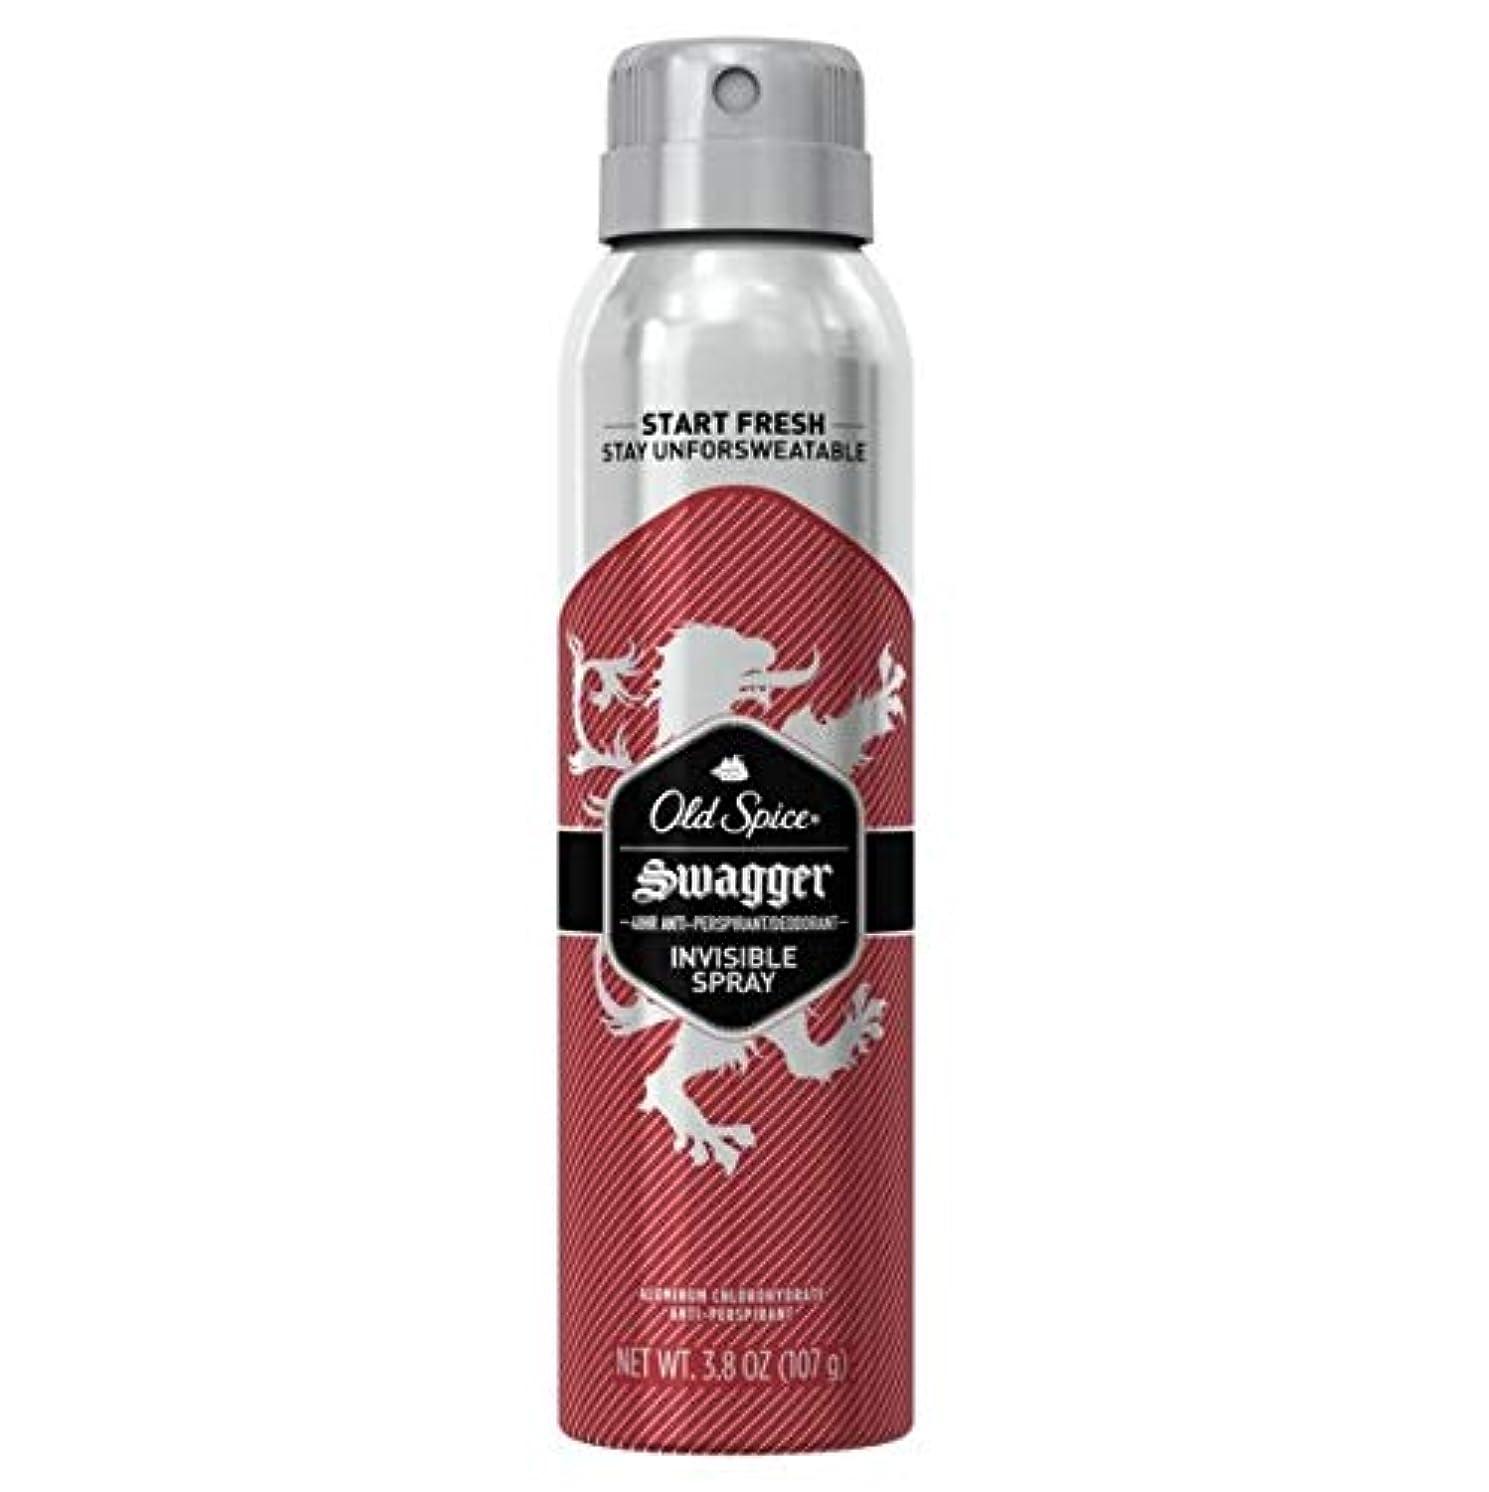 離す情熱衝突Old Spice Swagger Invisible Spray Antiperspirant and Deodorant - 3.8oz オールドスパイス インビジブルスプレー スワッガー 107g [並行輸入品]